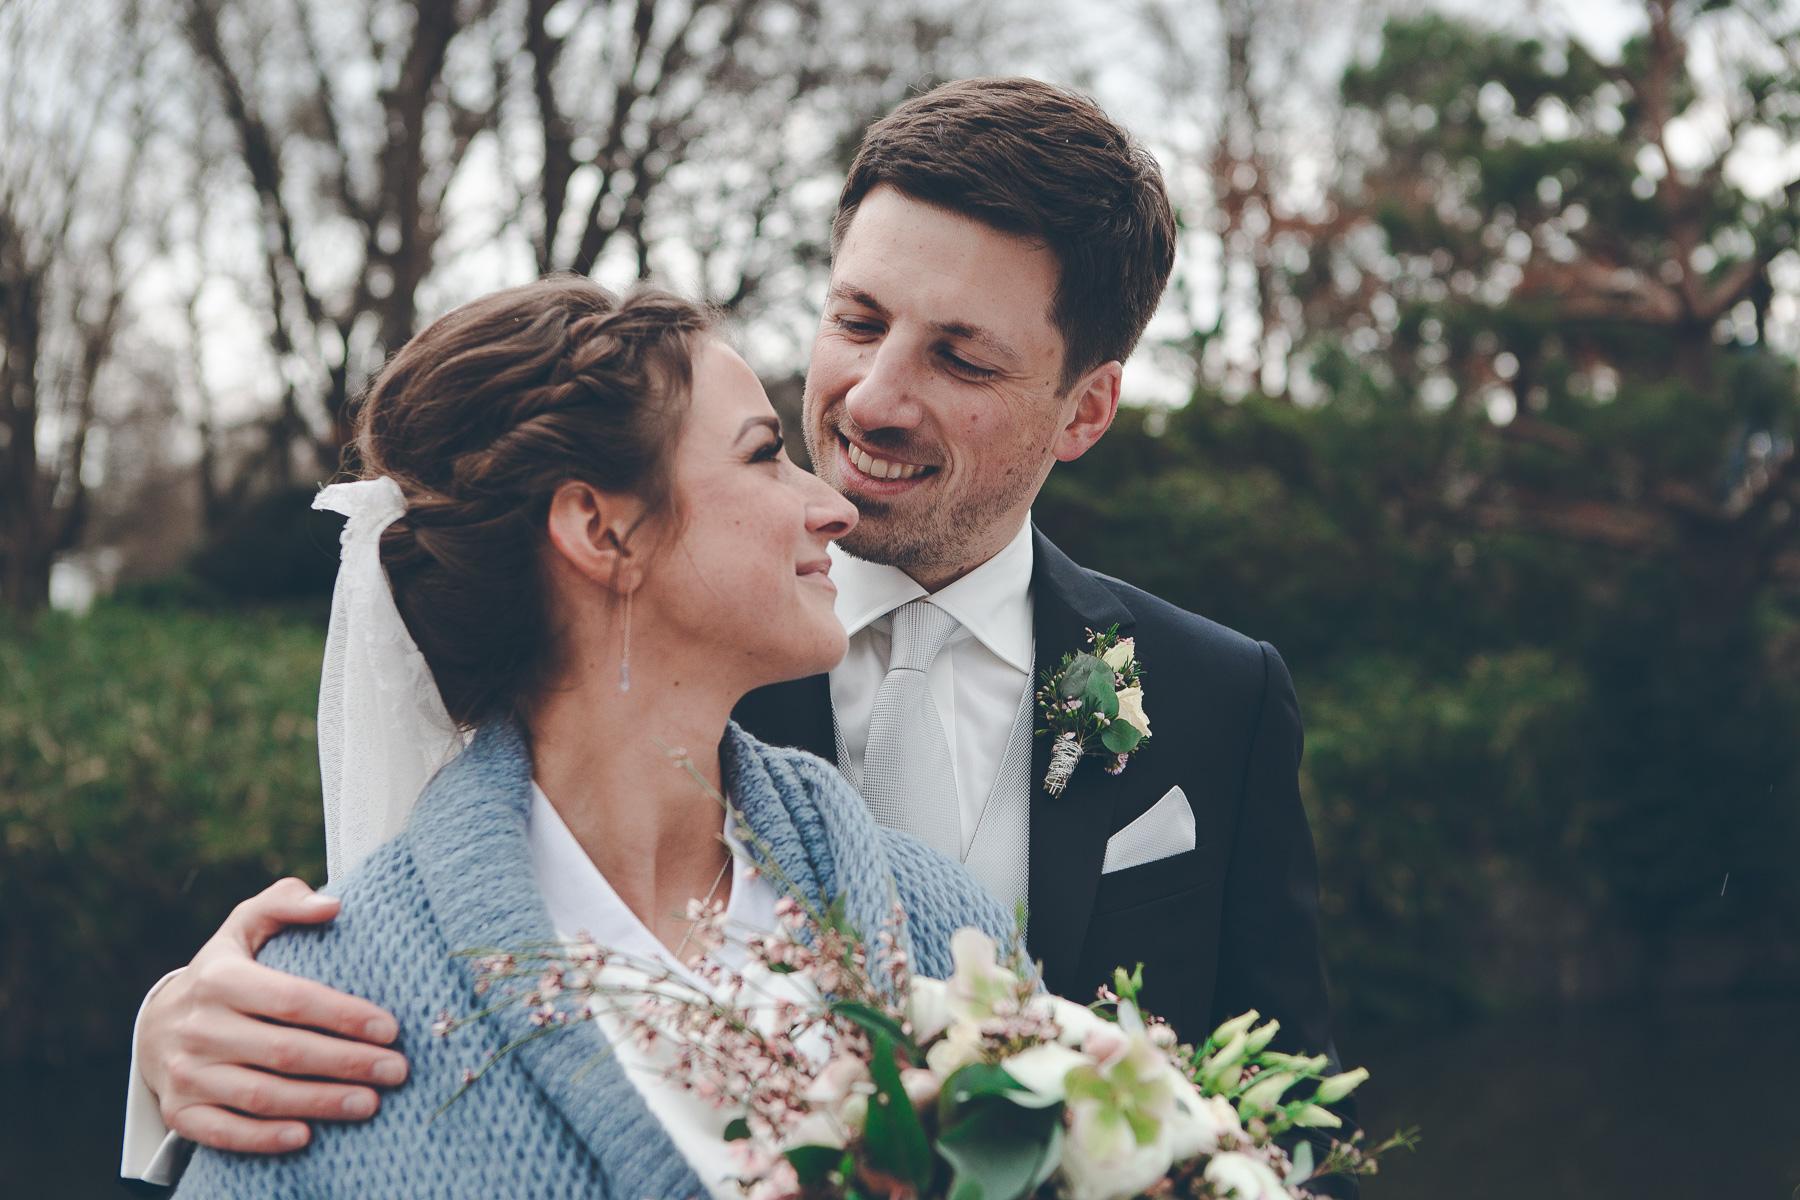 Verliebtes Hochzeitspaar beim Hochzeitsbilder machen im Park in Sendling